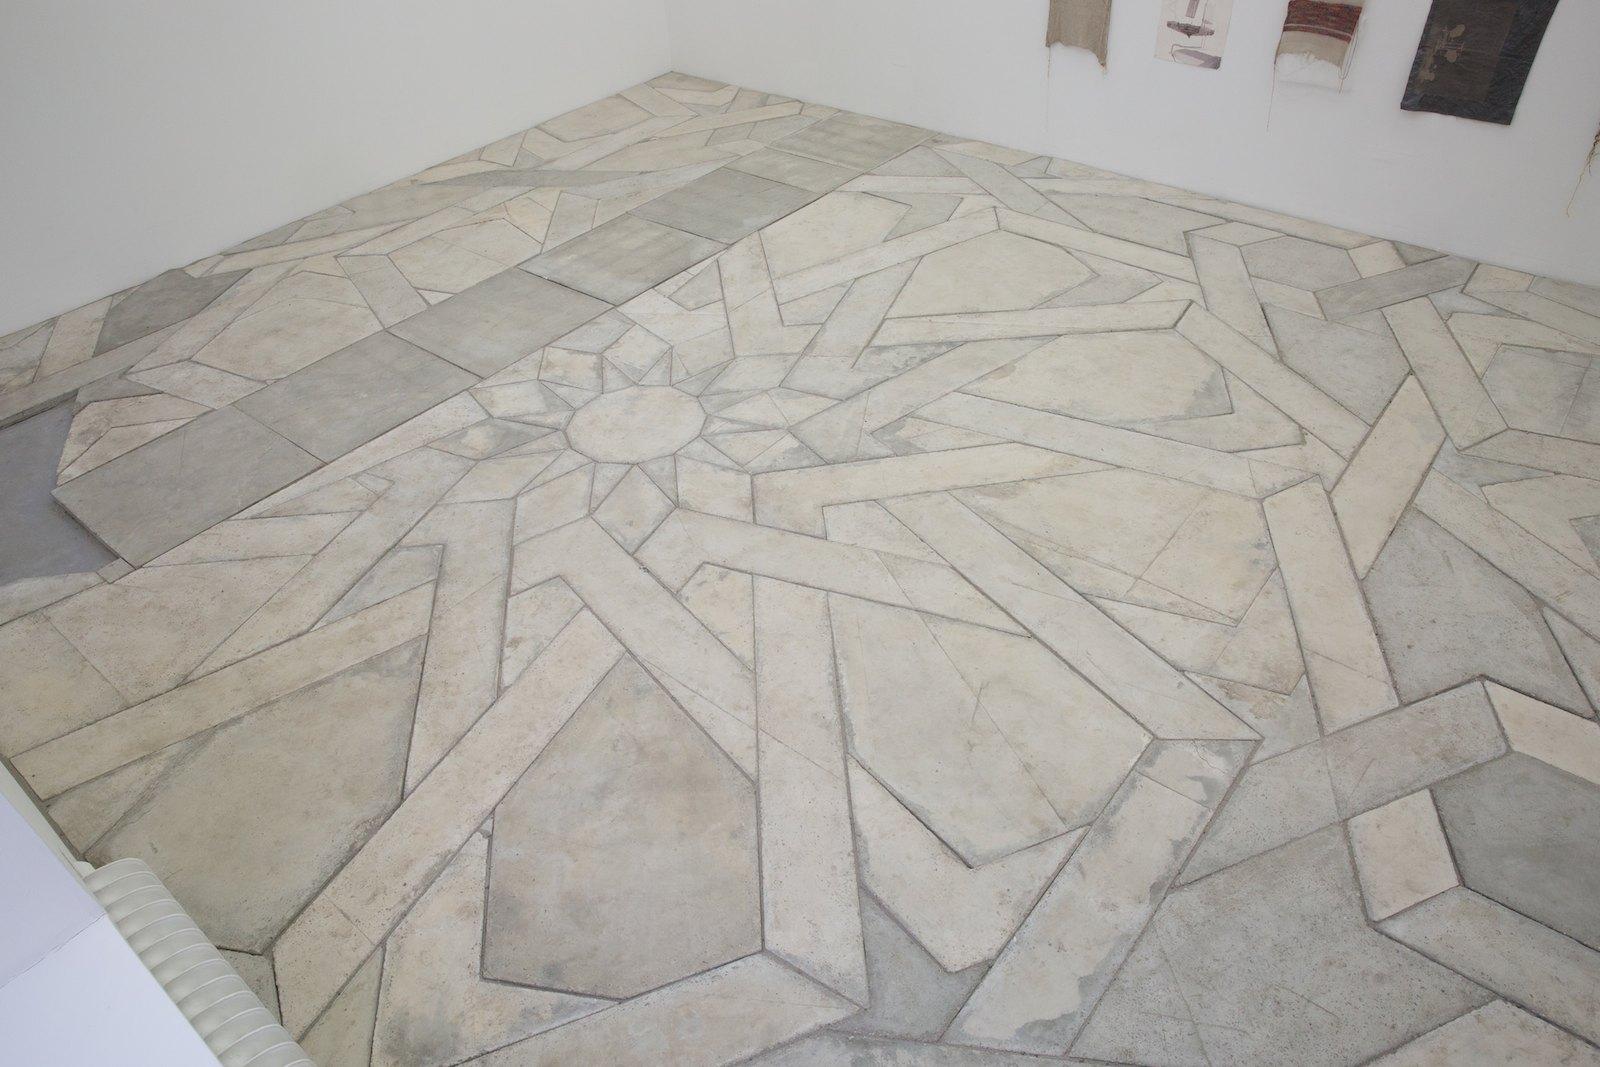 Concrete floor, 2014, cast concrete elements and sand, dim. variable